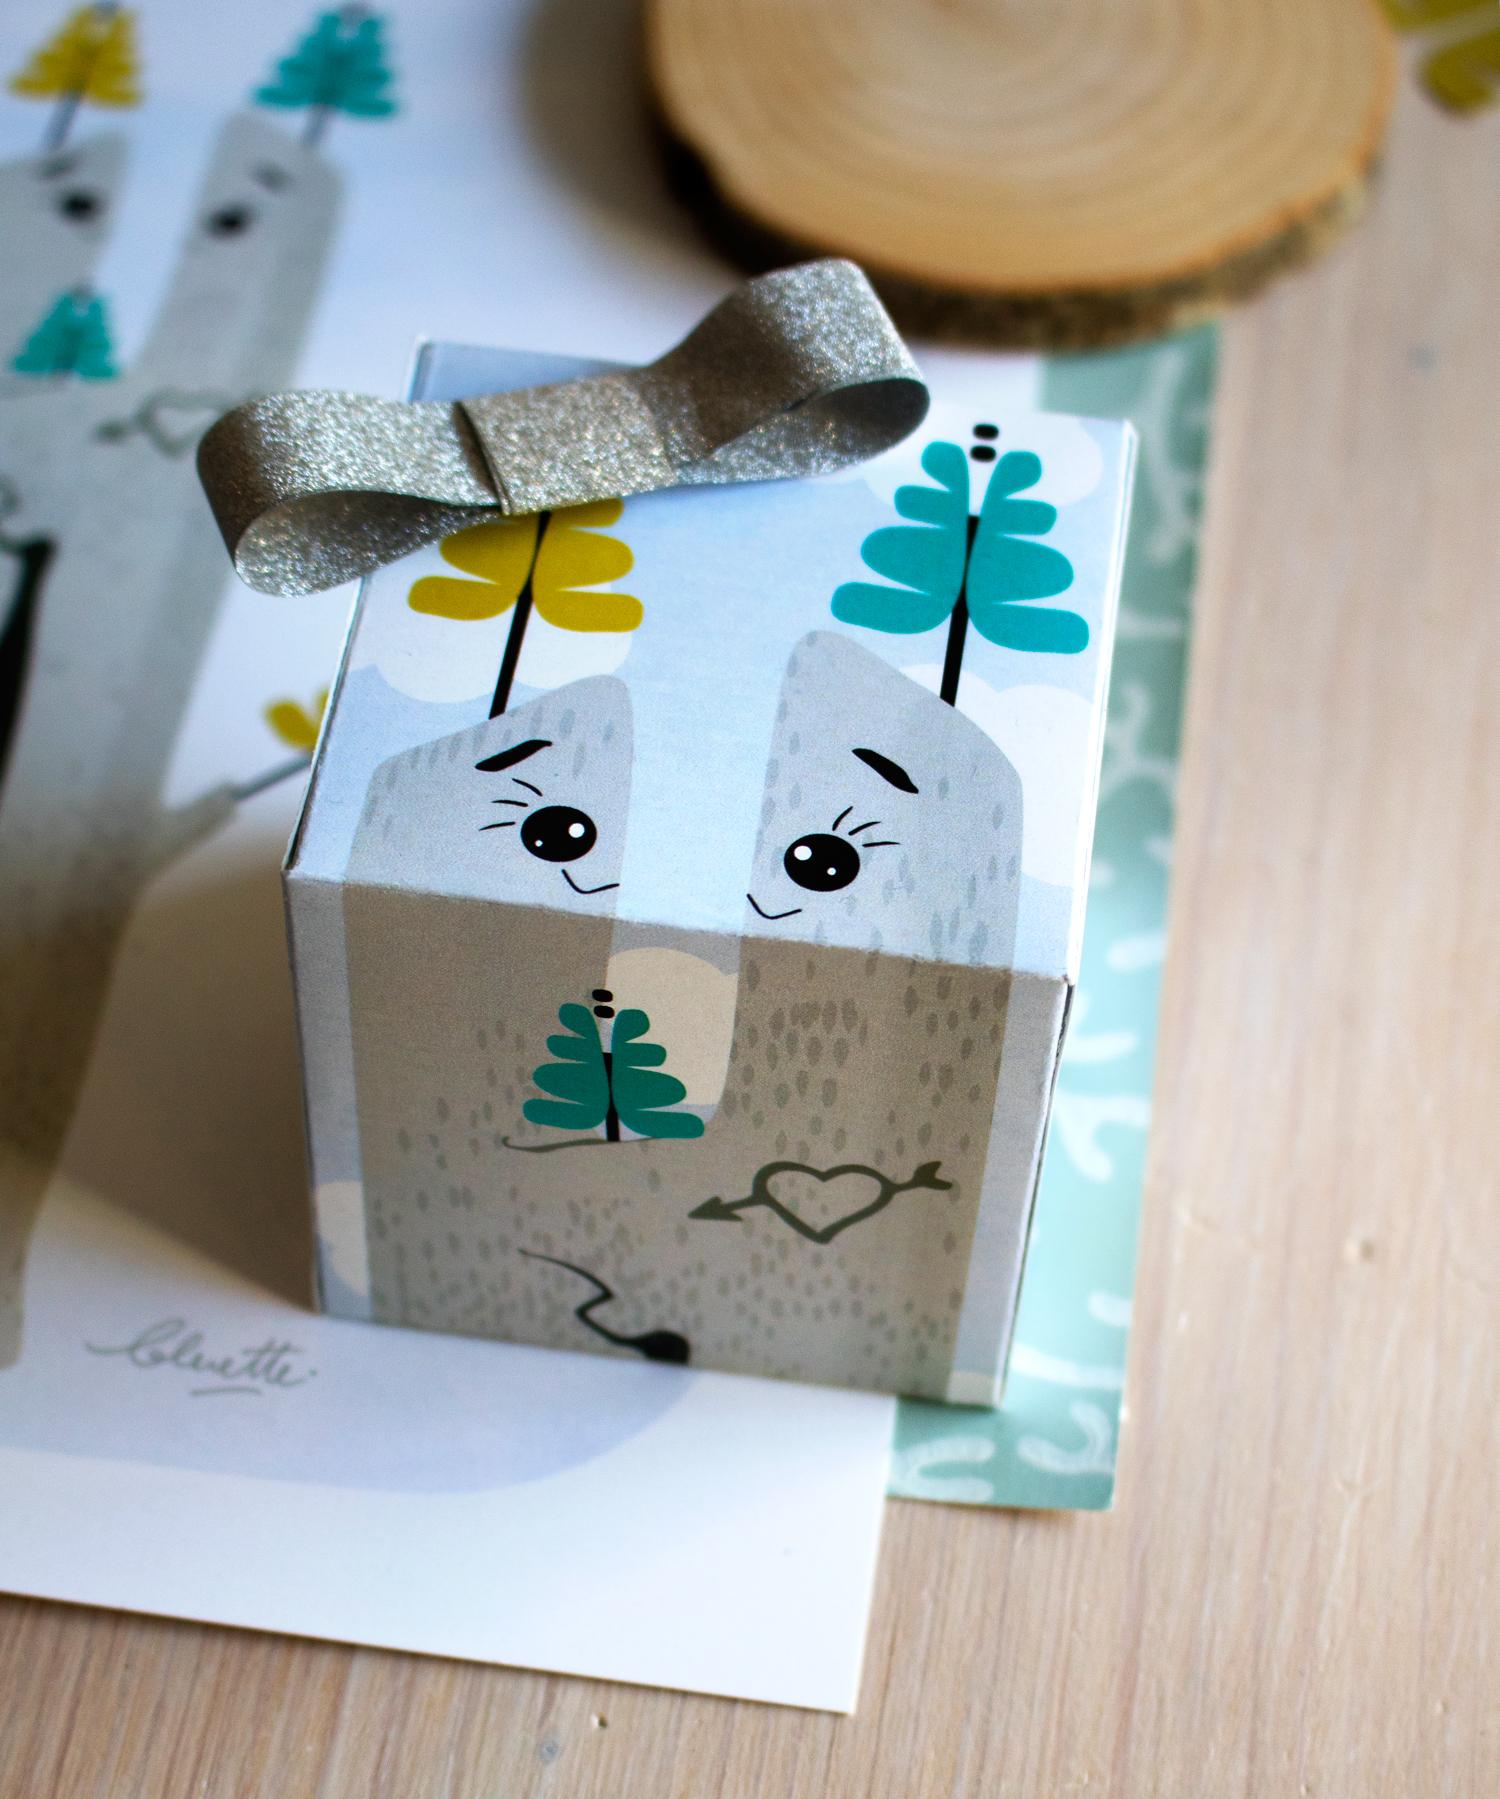 Paquet-pin-romantique-C©Bluette